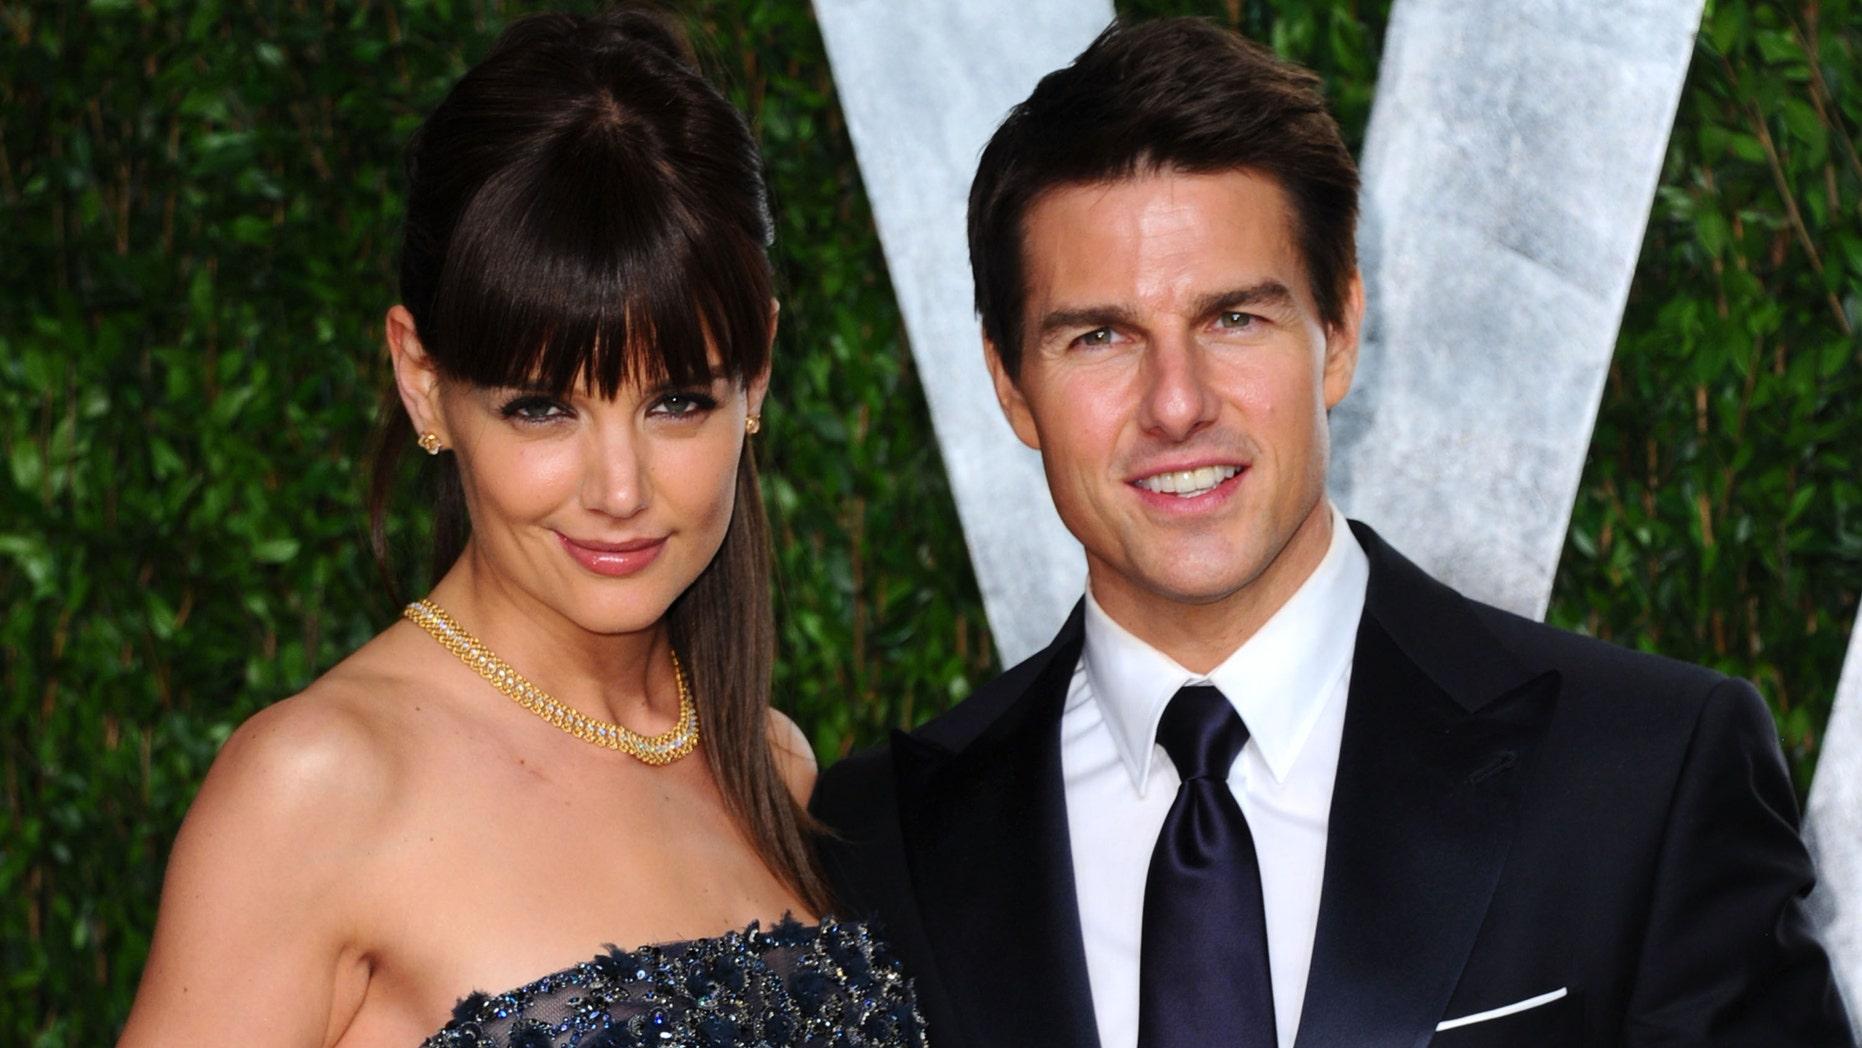 نتيجة بحث الصور عن Tom Cruise + Katie Holmes